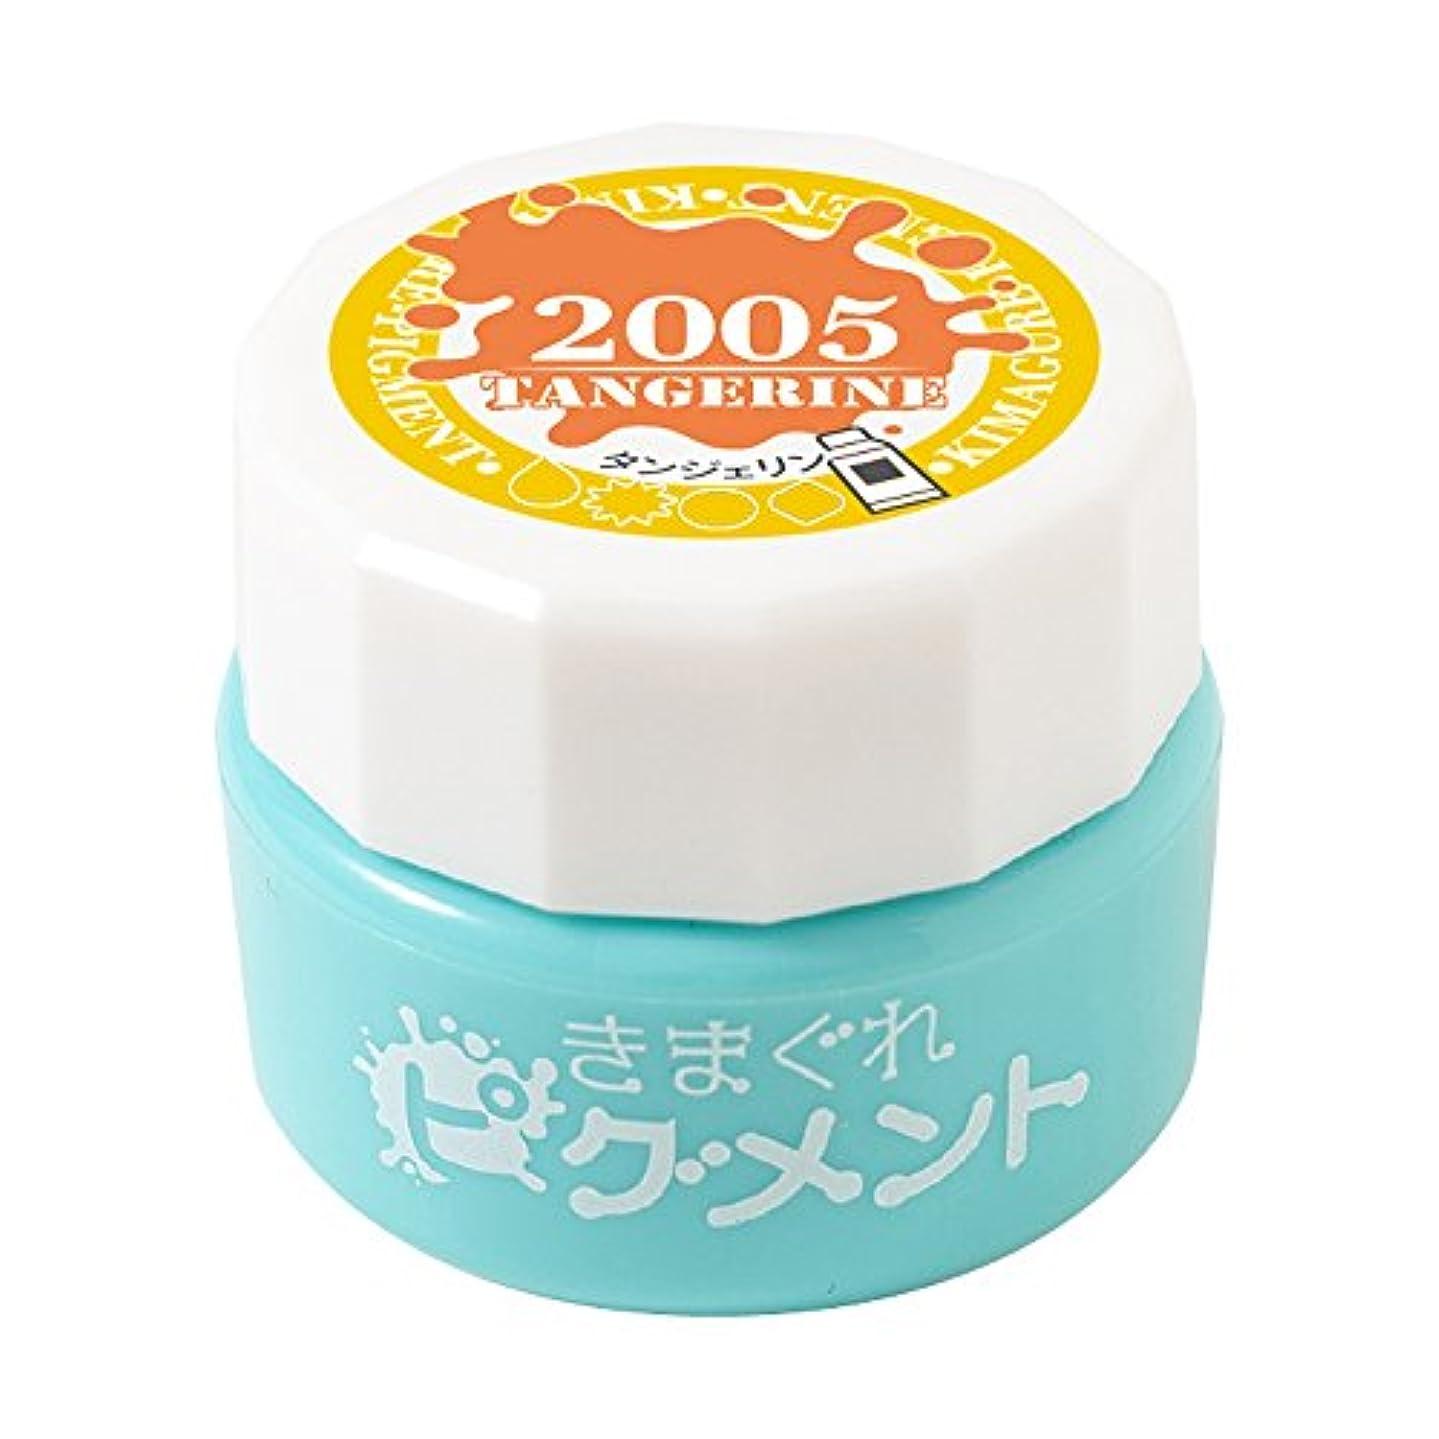 Bettygel きまぐれピグメント タンジェリン QYJ-2005 4g UV/LED対応